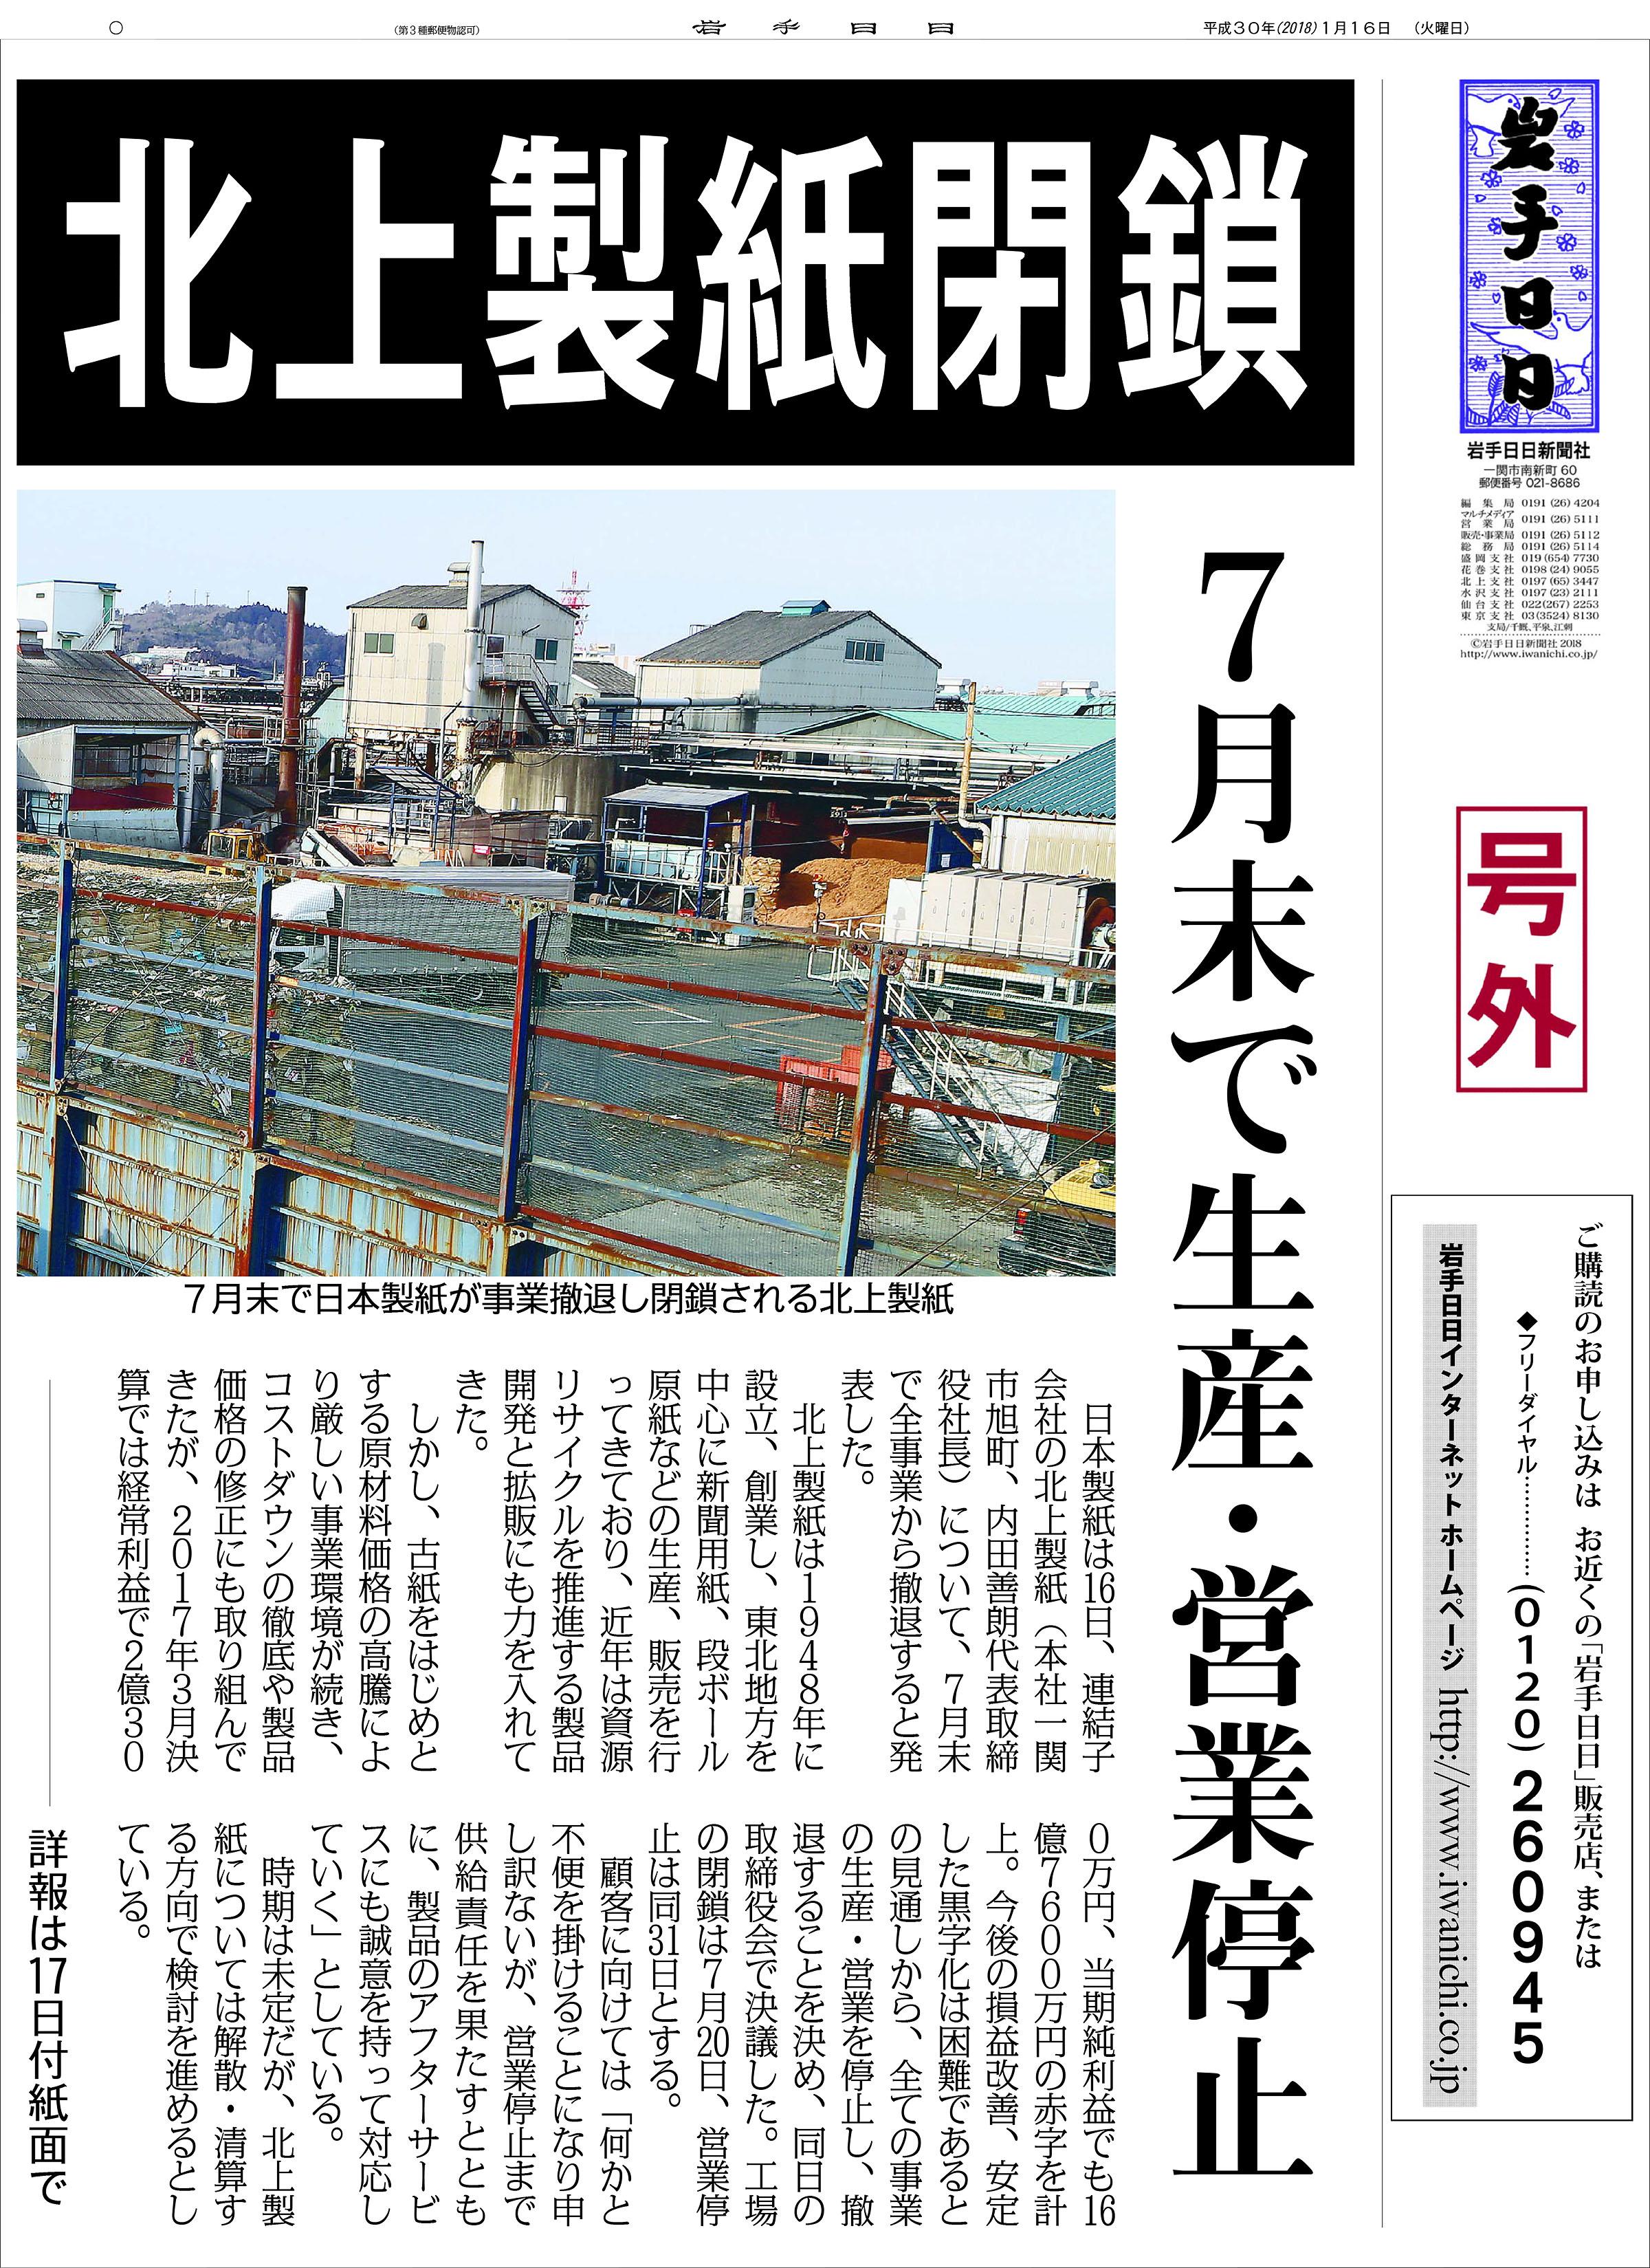 【号外】北上製紙閉鎖 7月末で生産・営業停止